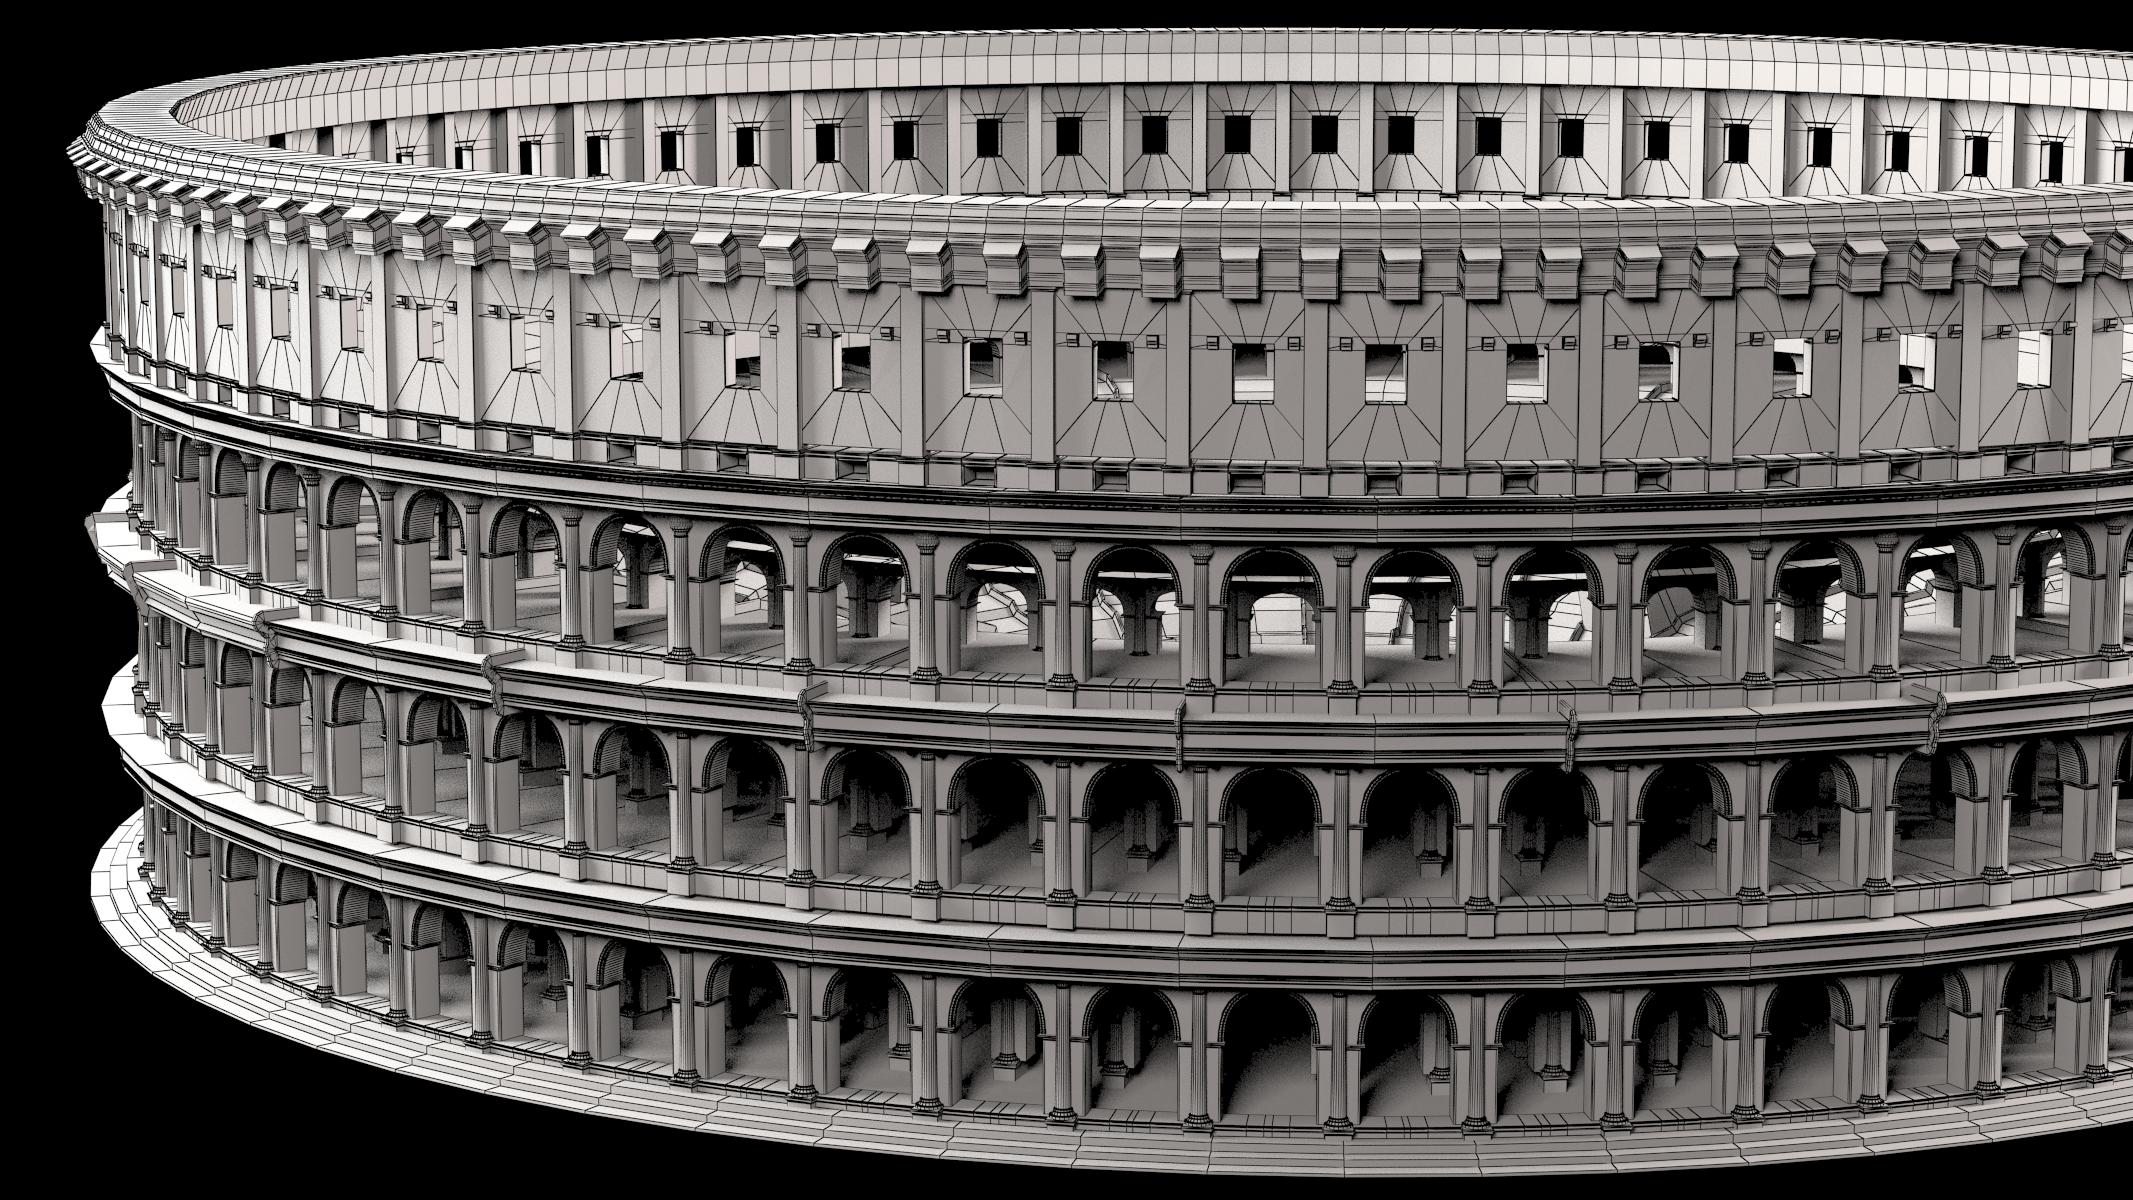 Roman Colosseum 3d Model Max Obj Fbx Cgtrader Com